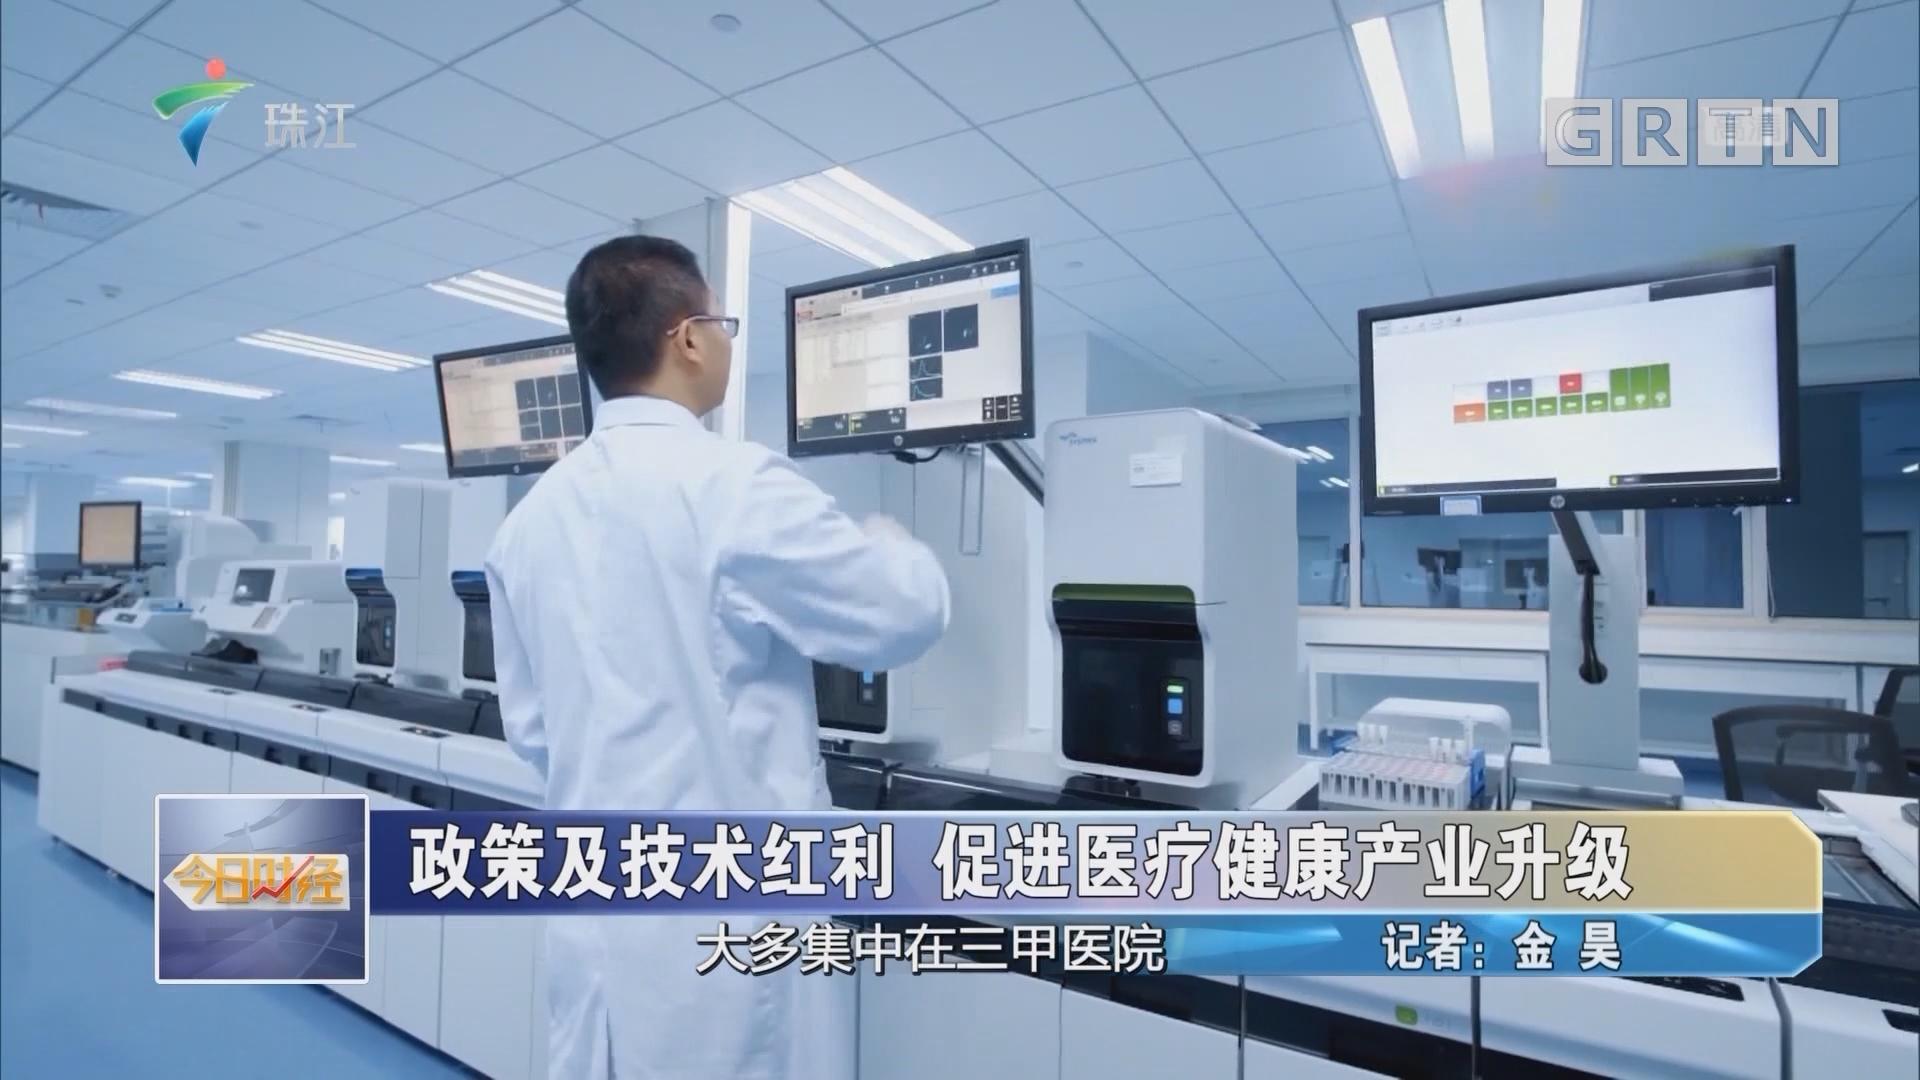 政策及技術紅利 促進醫療健康產業升級